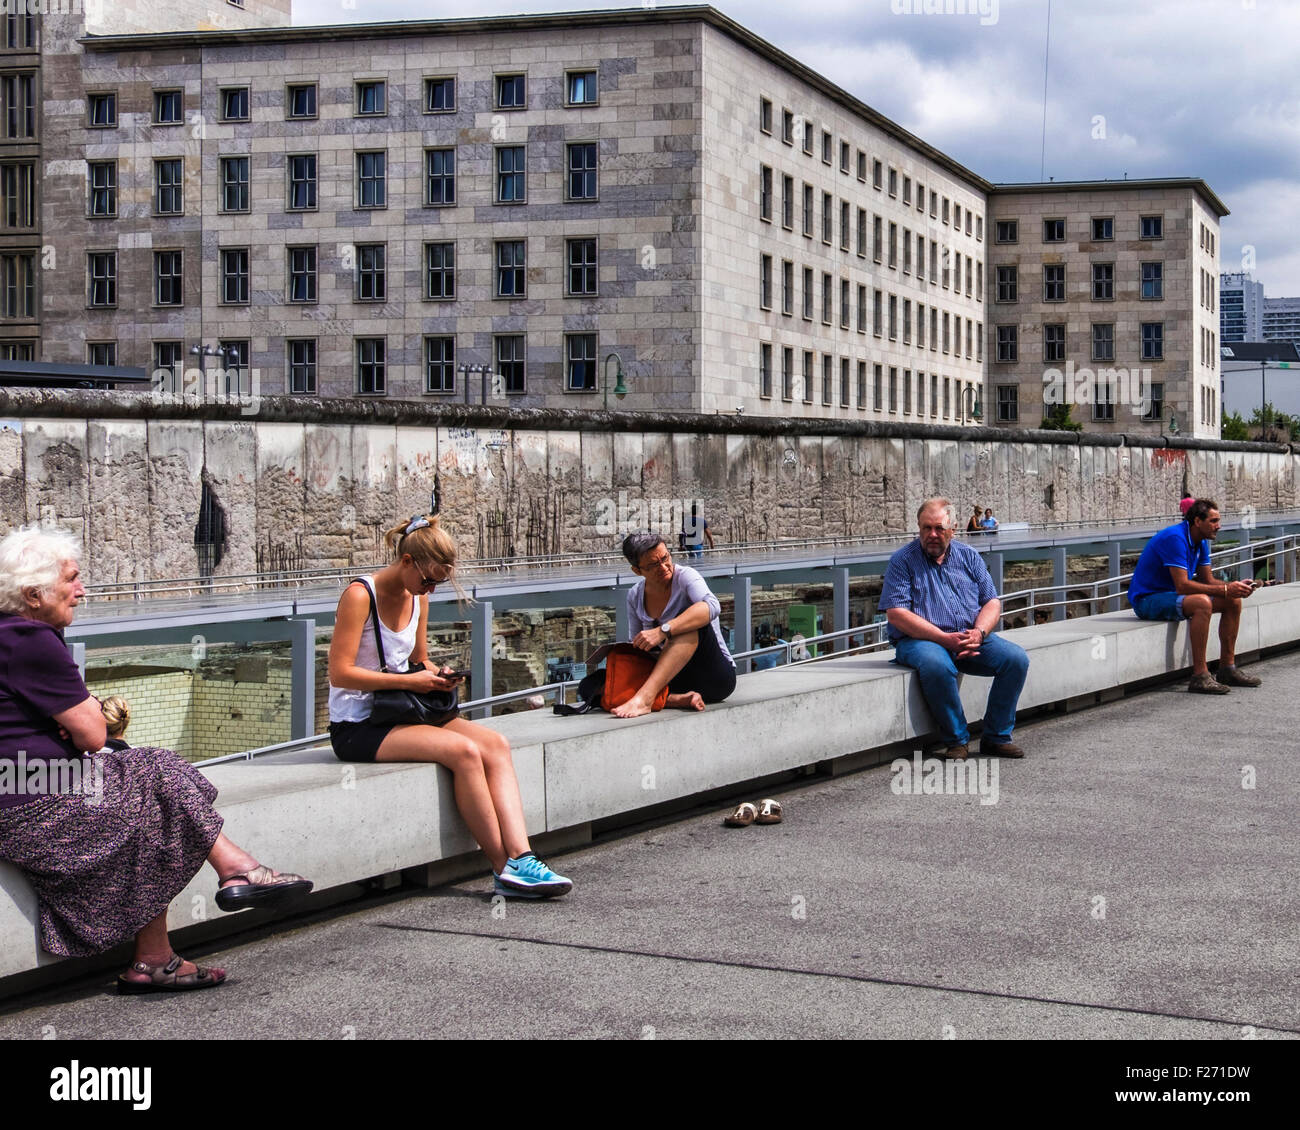 Berlin. Tourists visit Topography of Terror indoor and outdoor museum & memorial - Excavated Gestapo building - Stock Image